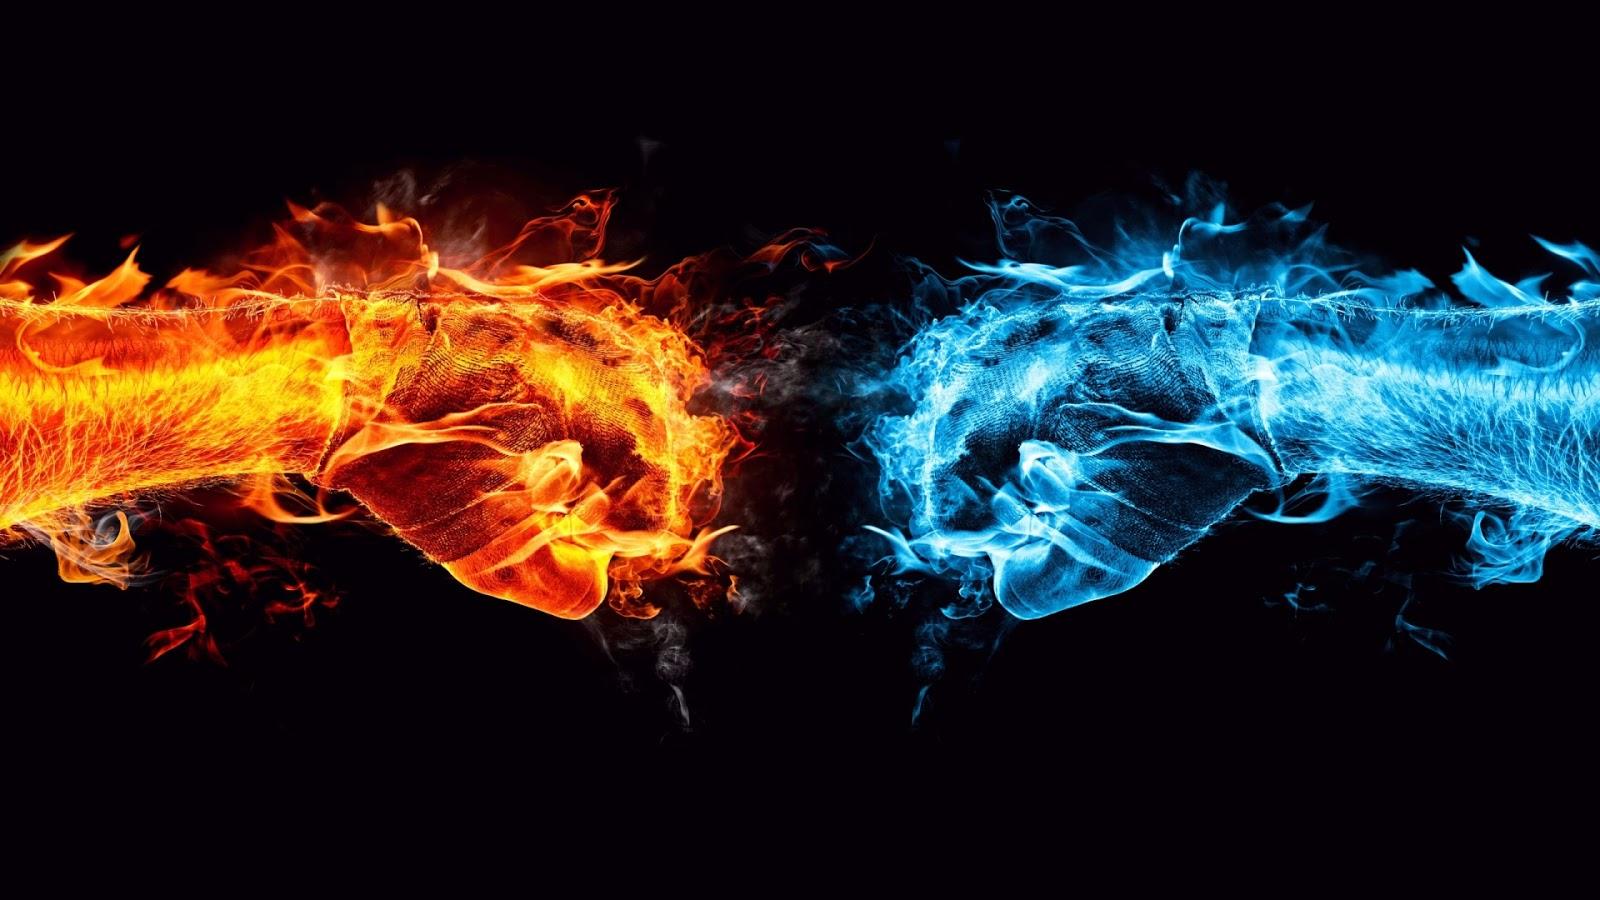 Fondo de Pantalla Abstracto Lucha de fuego y hielo  Imagenes Hilandy